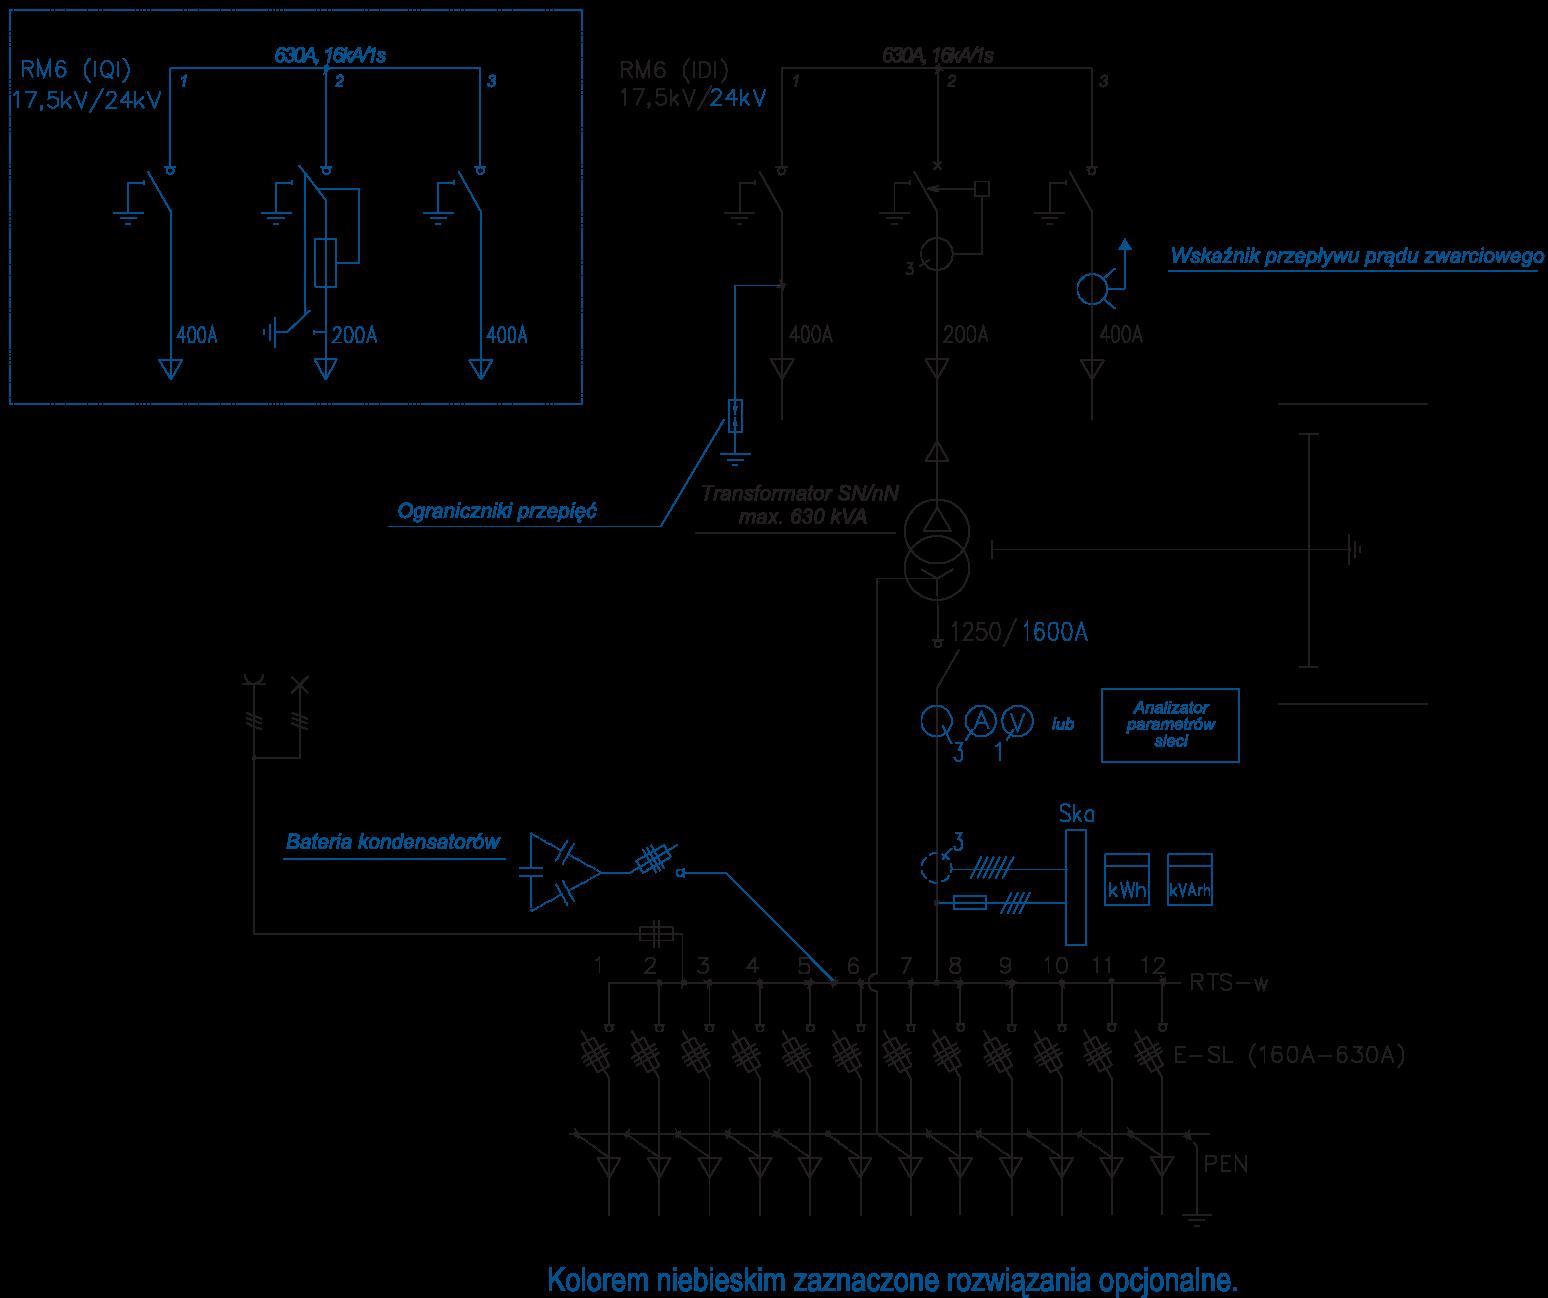 Schemat stacji transformatorowej